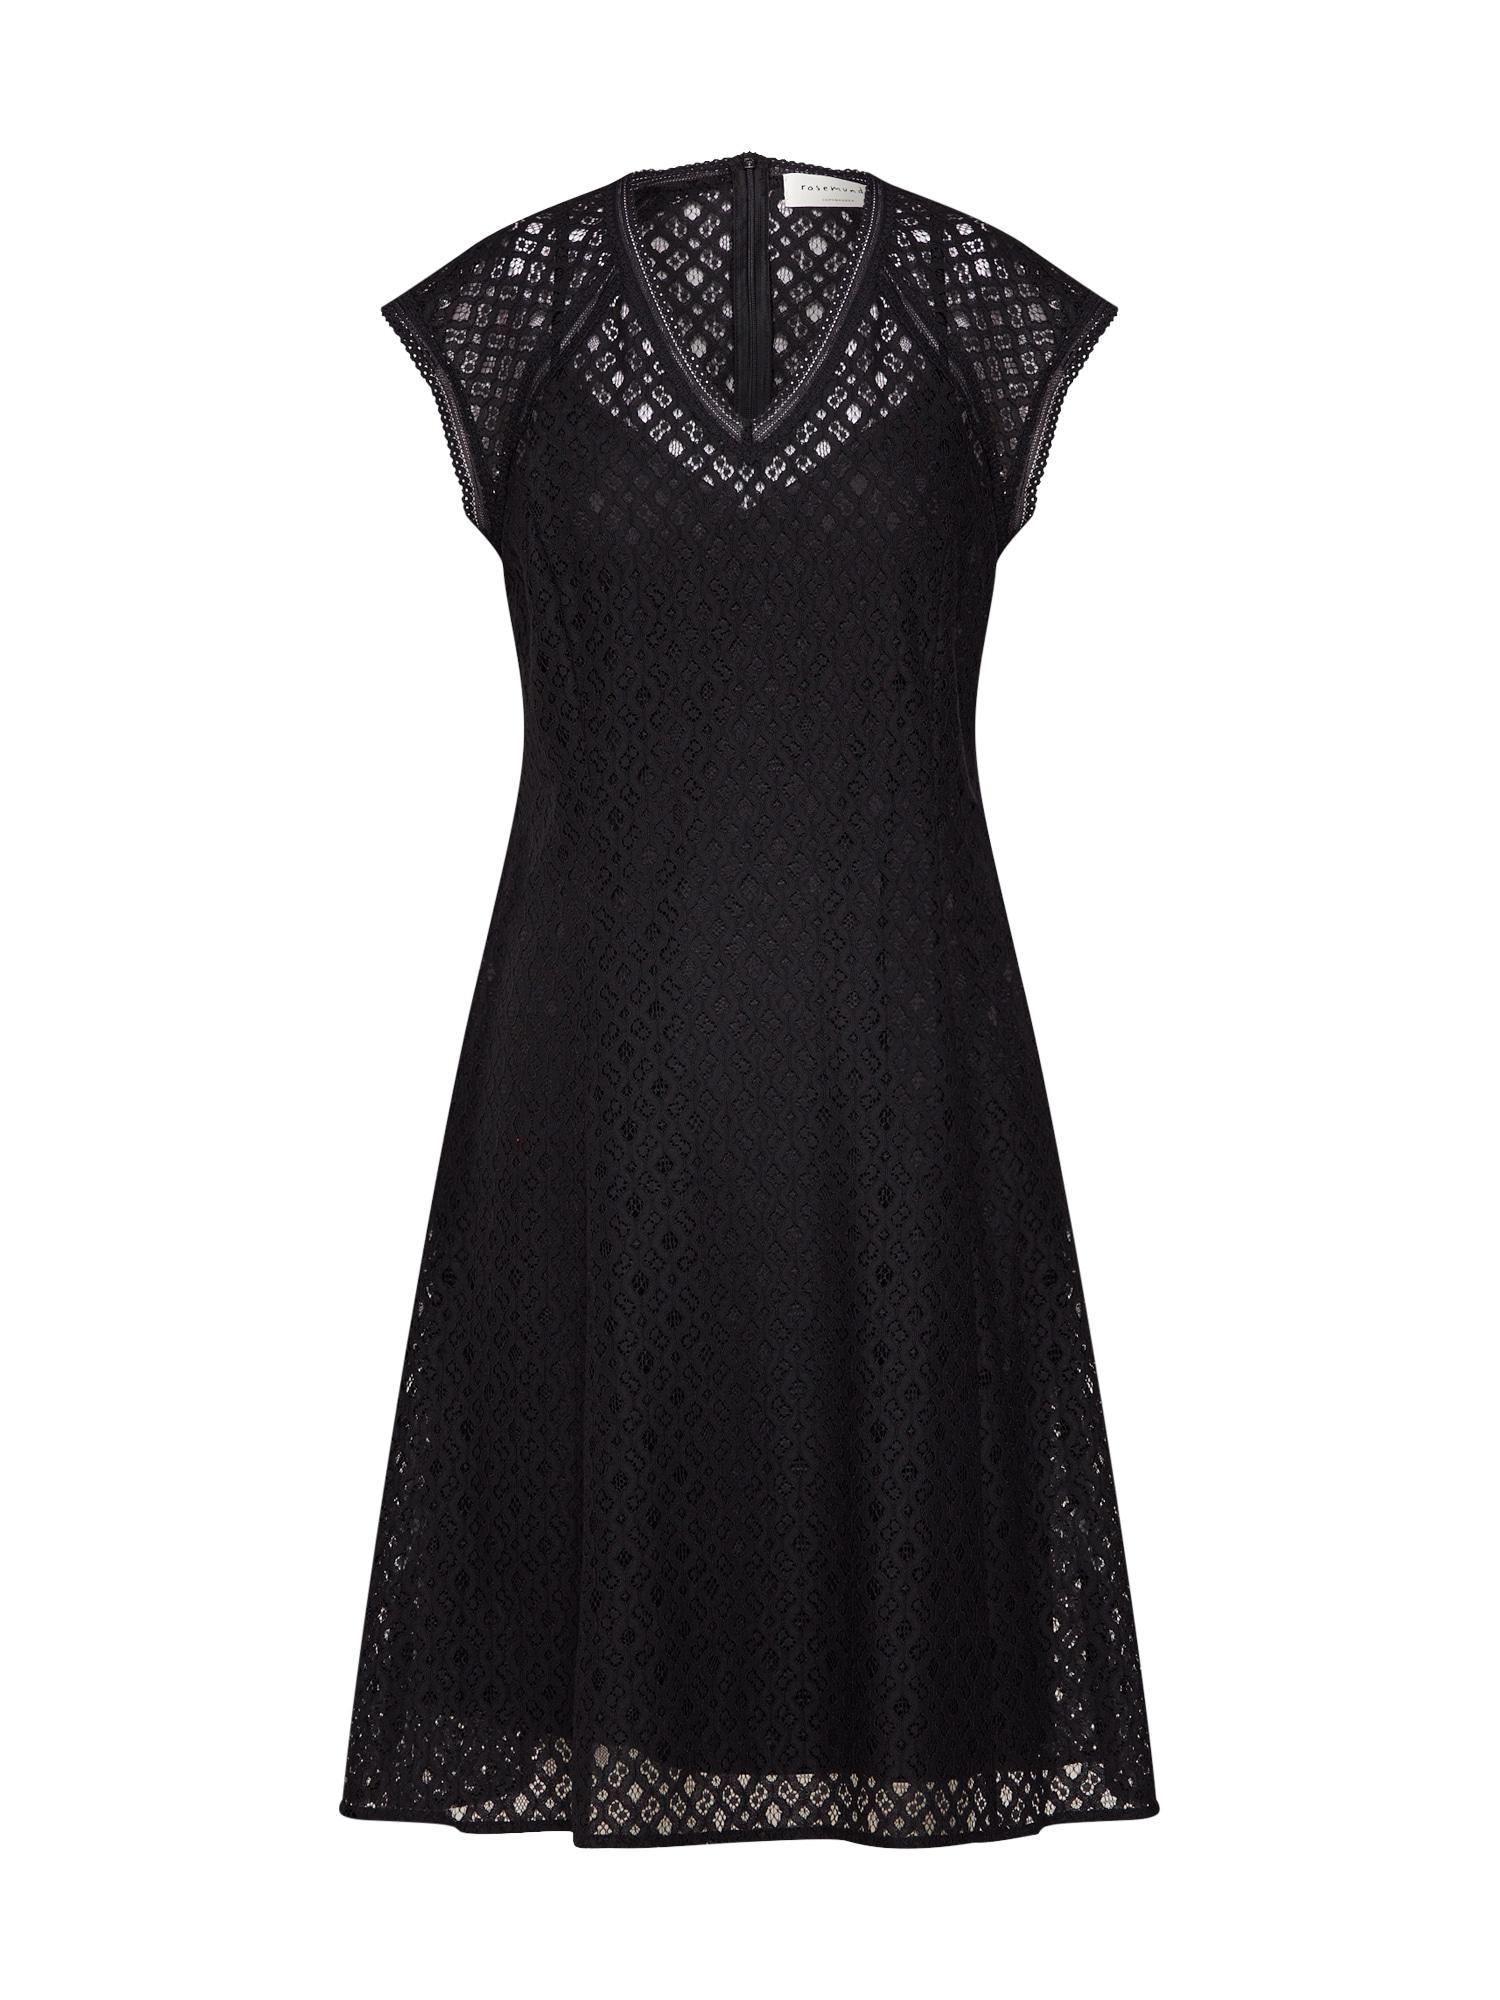 Koktejlové šaty Dress ss černá Rosemunde